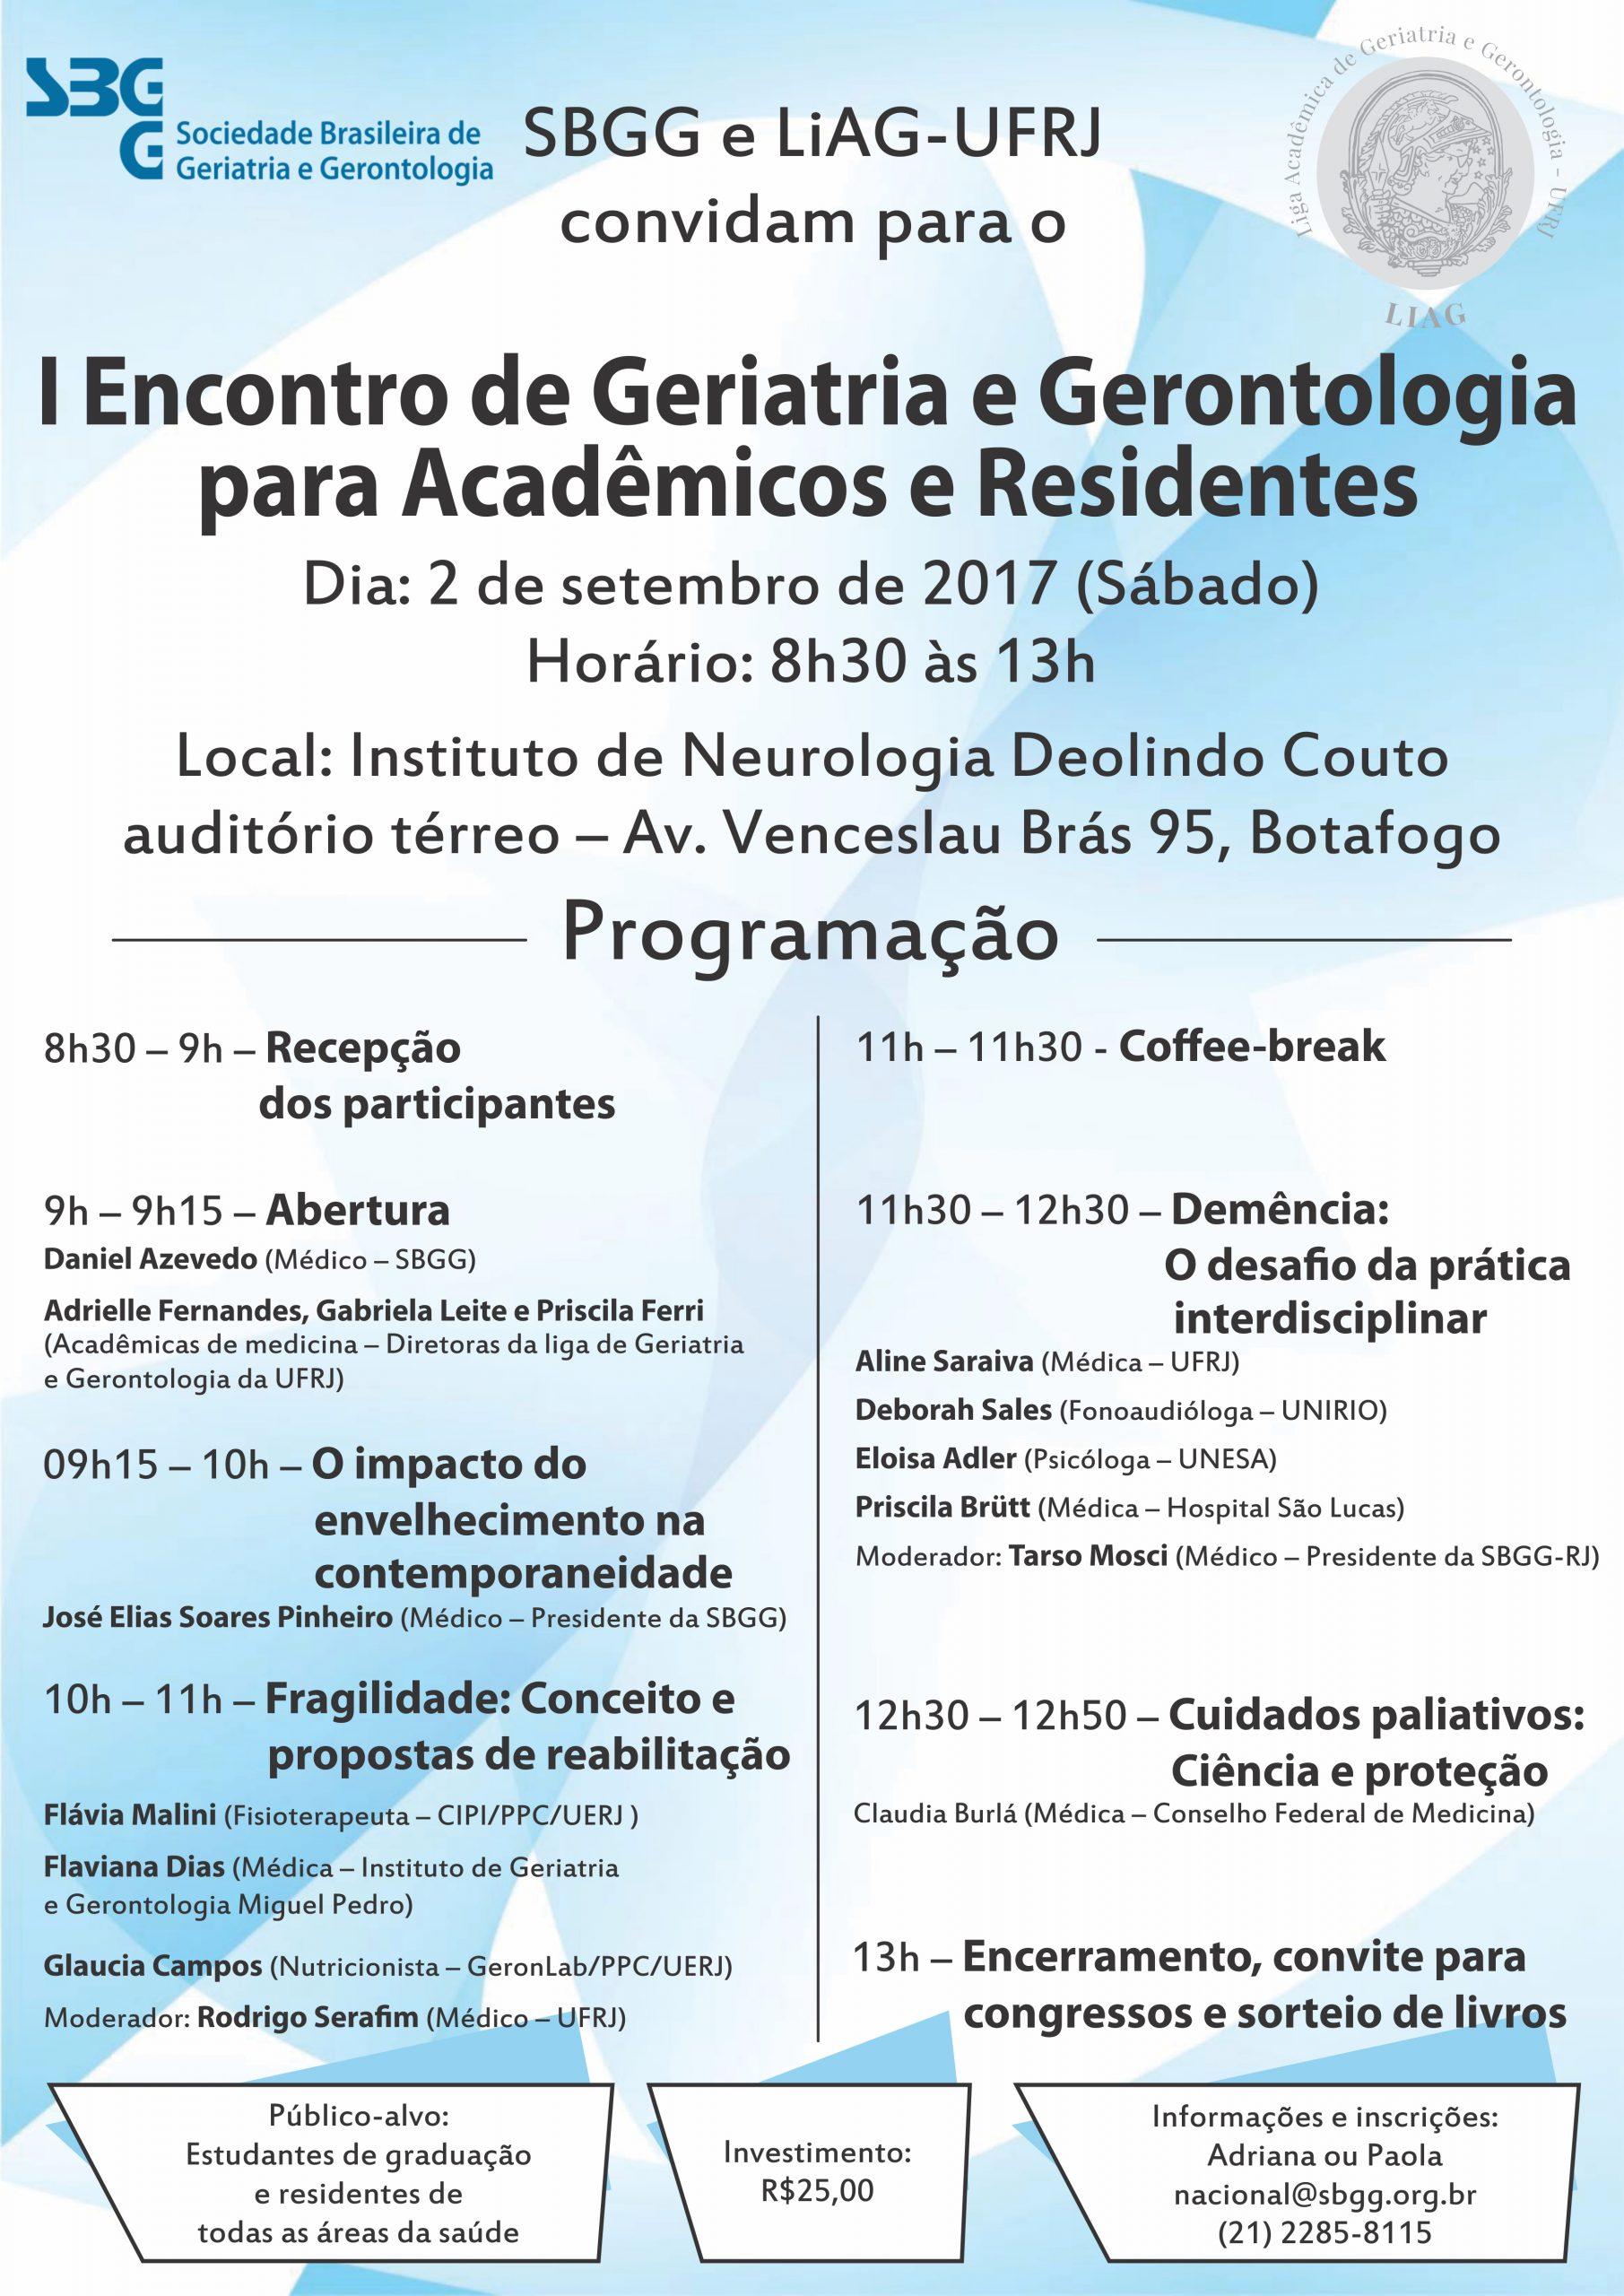 A SBGG e LiAG – UFRJ convidam para o I Encontro  de Geriatria e Gerontologia para Acadêmicos e Residentes.